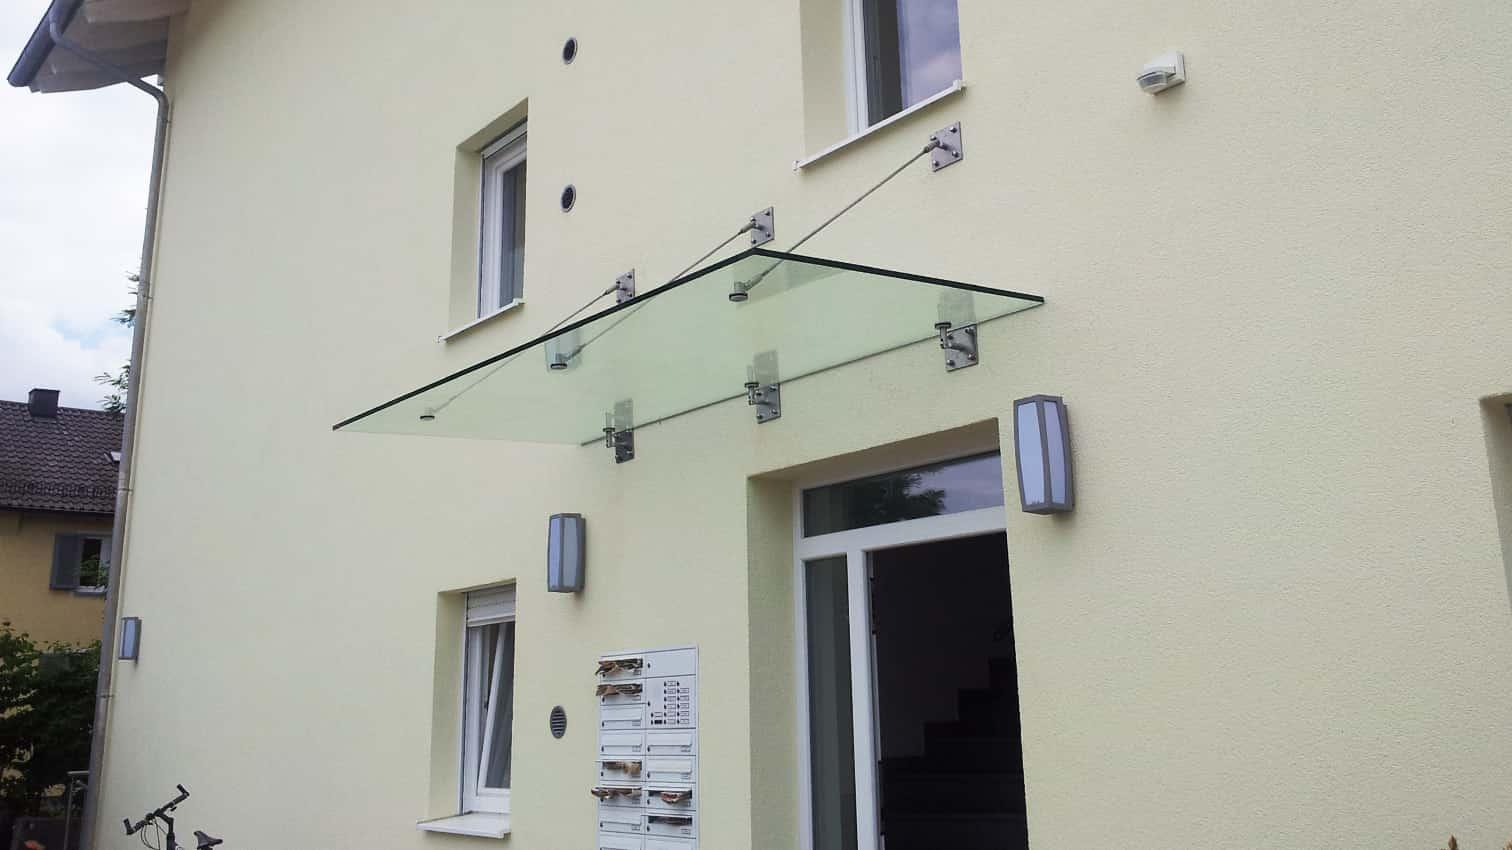 Vordach Haustüre aus Edelstahl und Glas